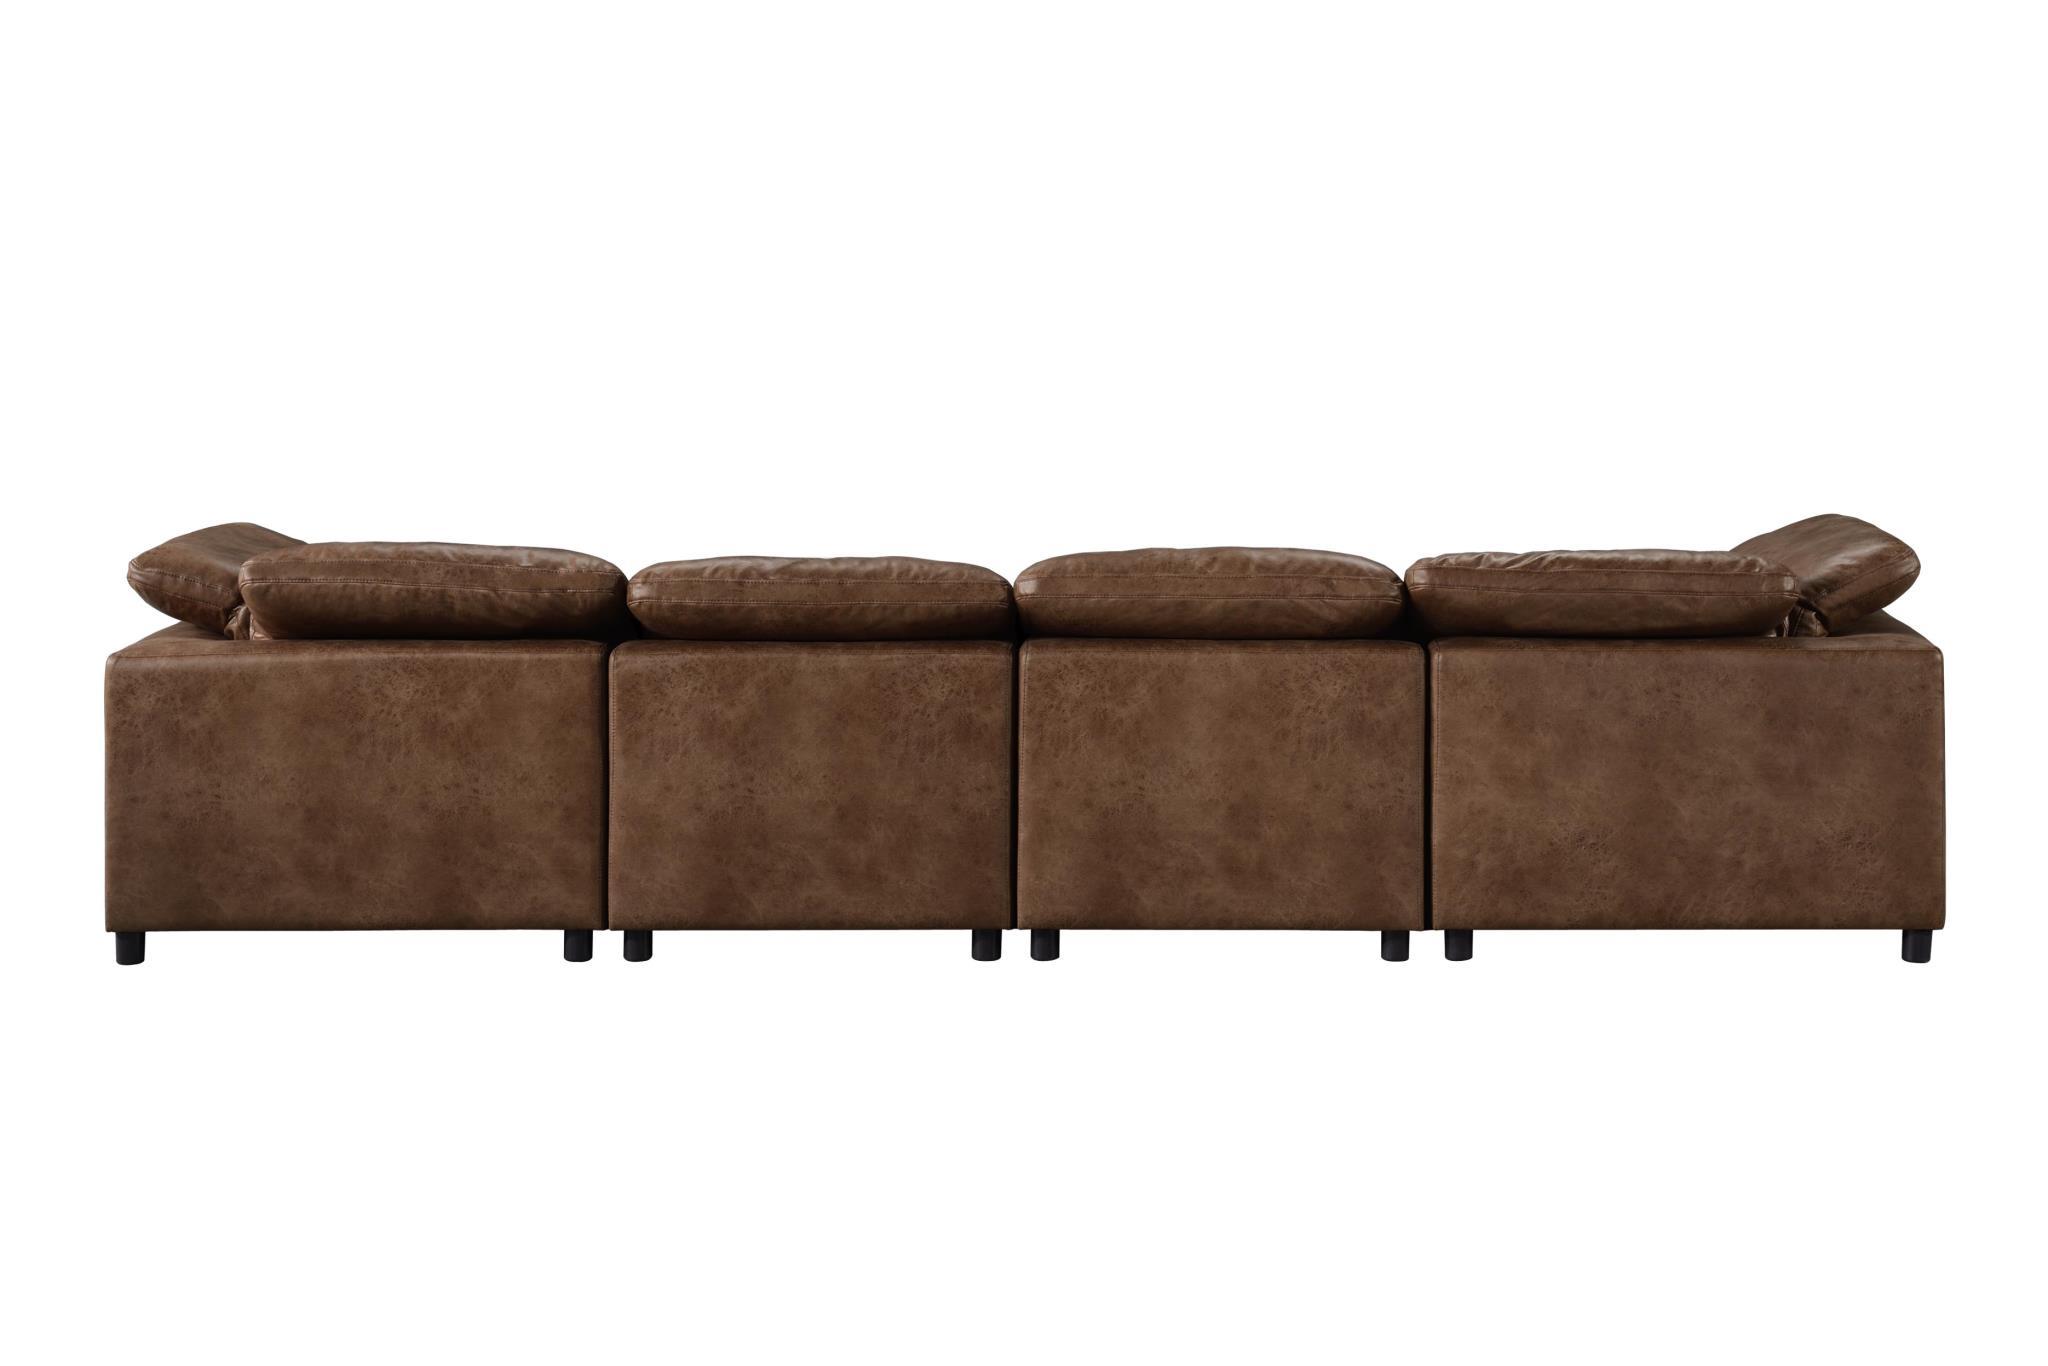 2-Tone Mocha Sectional Sofa Back